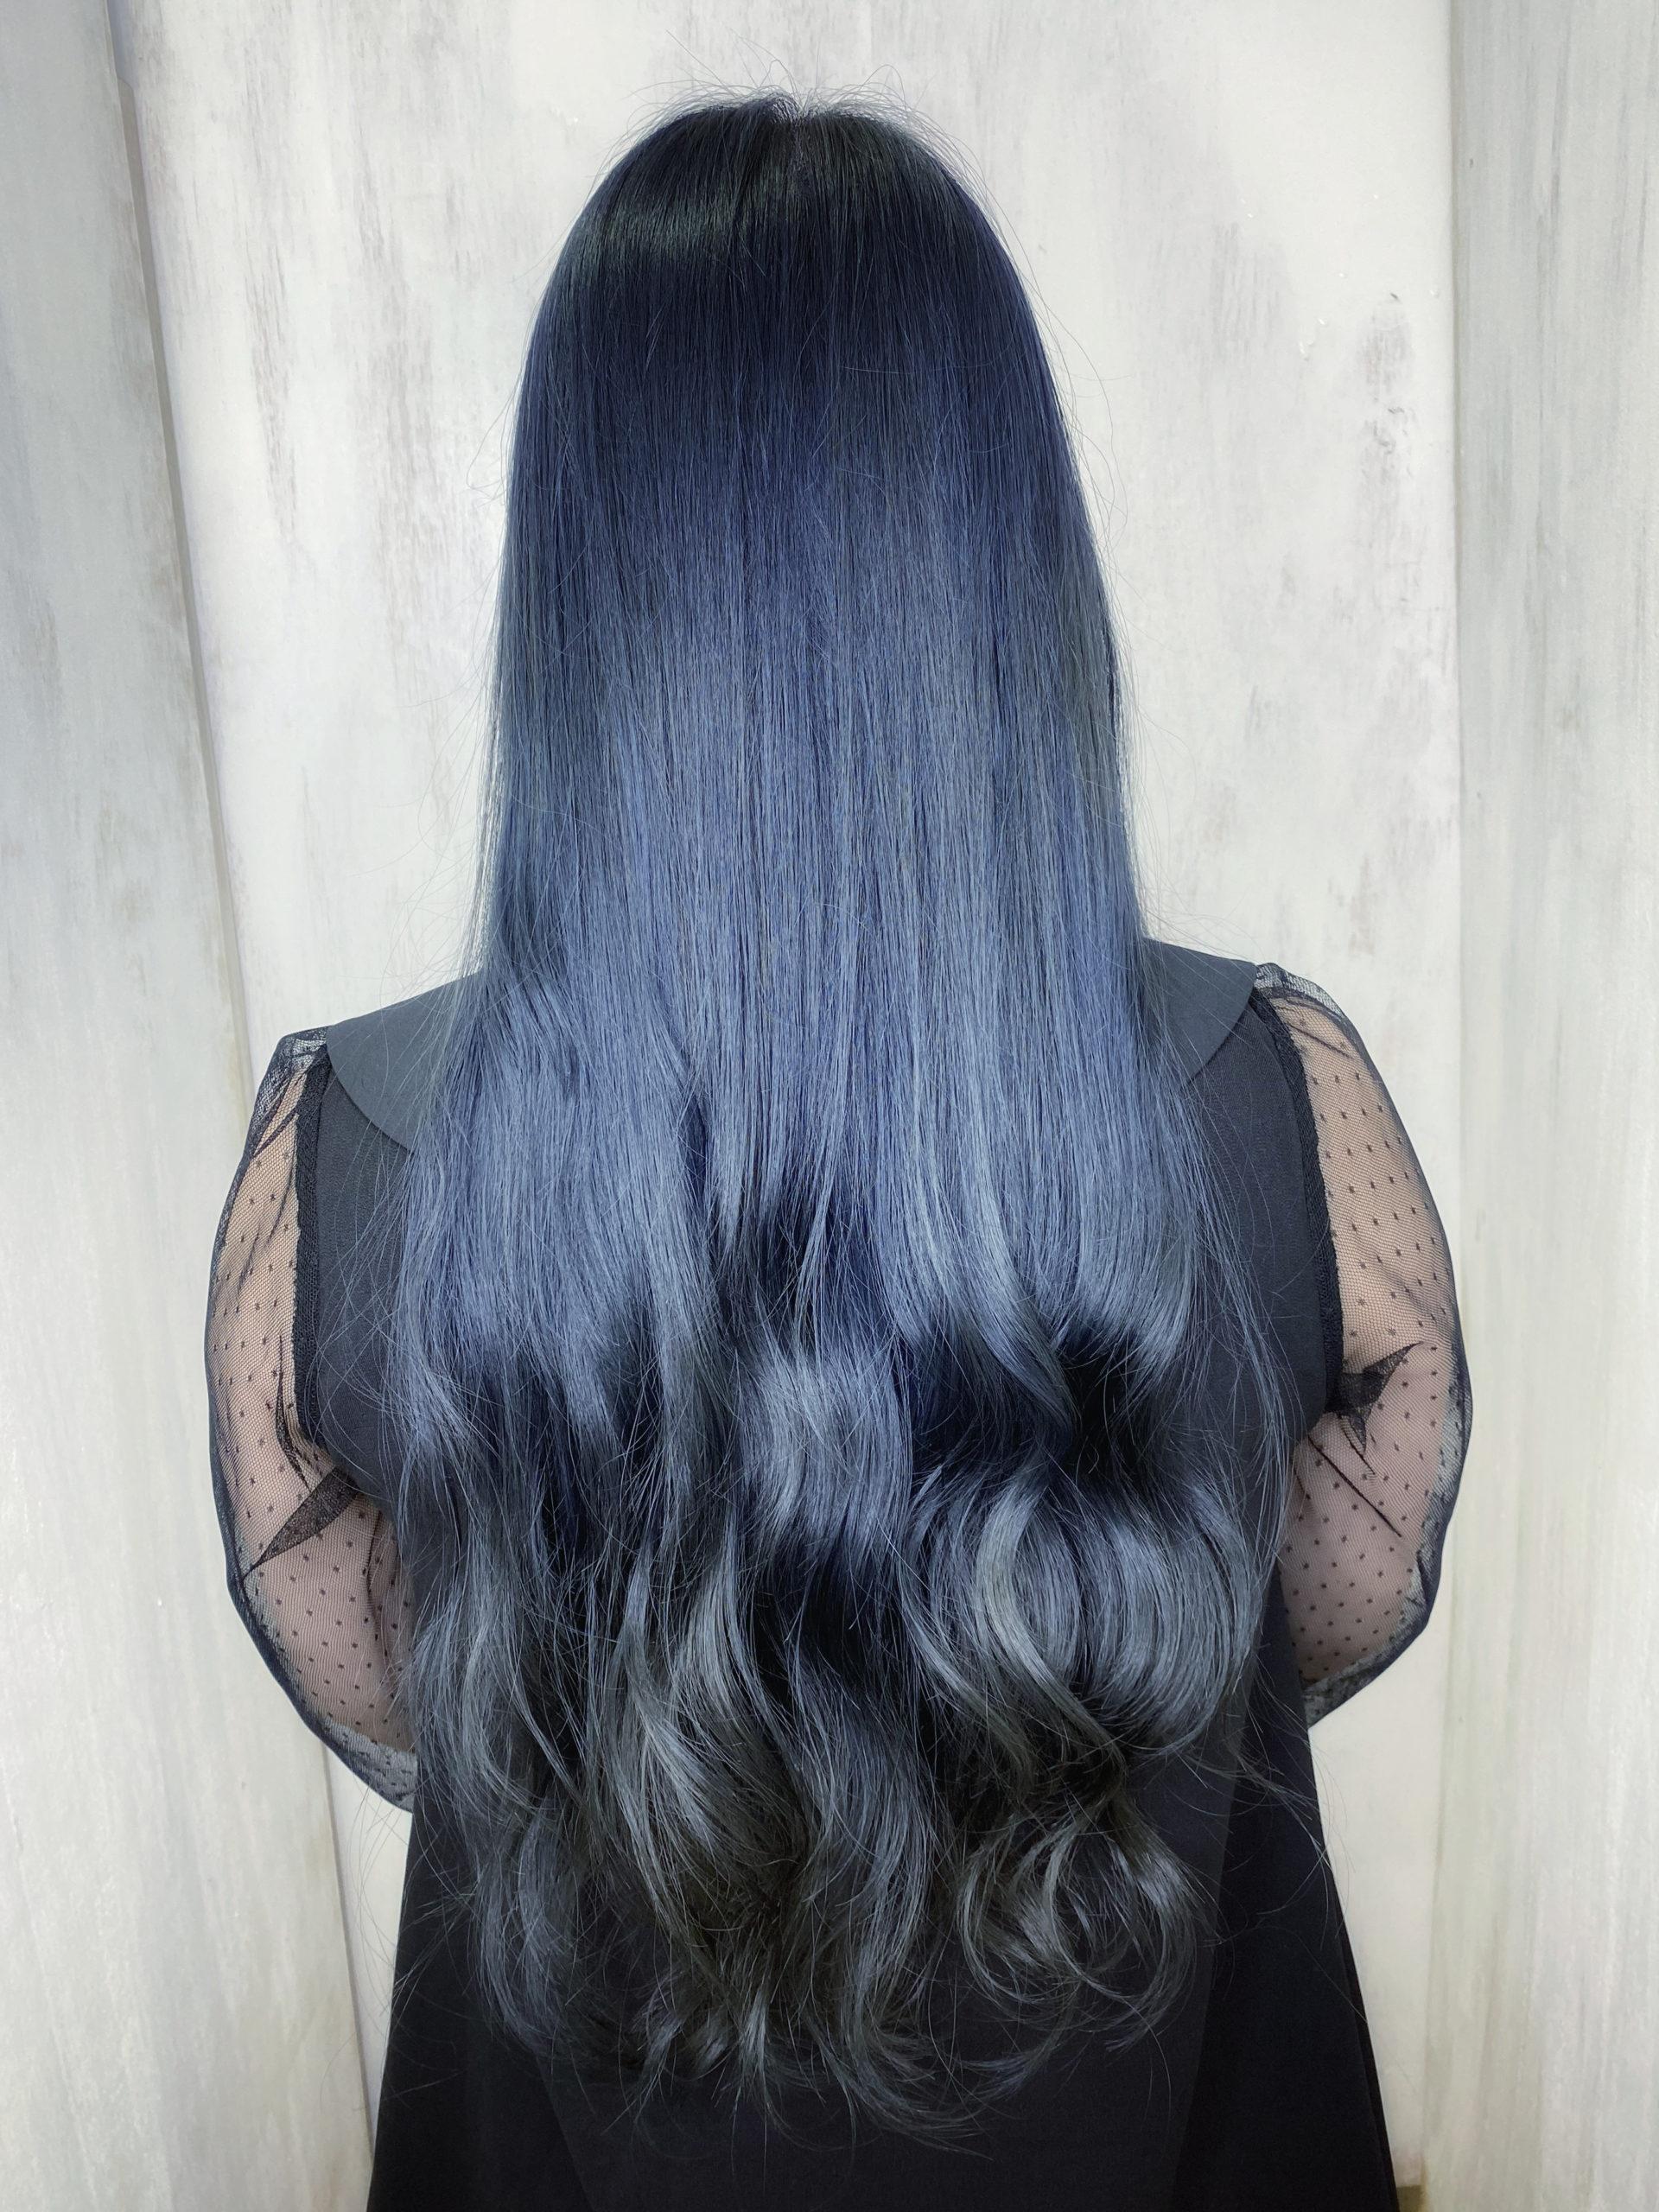 ジュエリーシステム×オレオルカラーで暗髪カラー。原宿・表参道『髪のお悩みを解決するヘアケア美容師の挑戦』